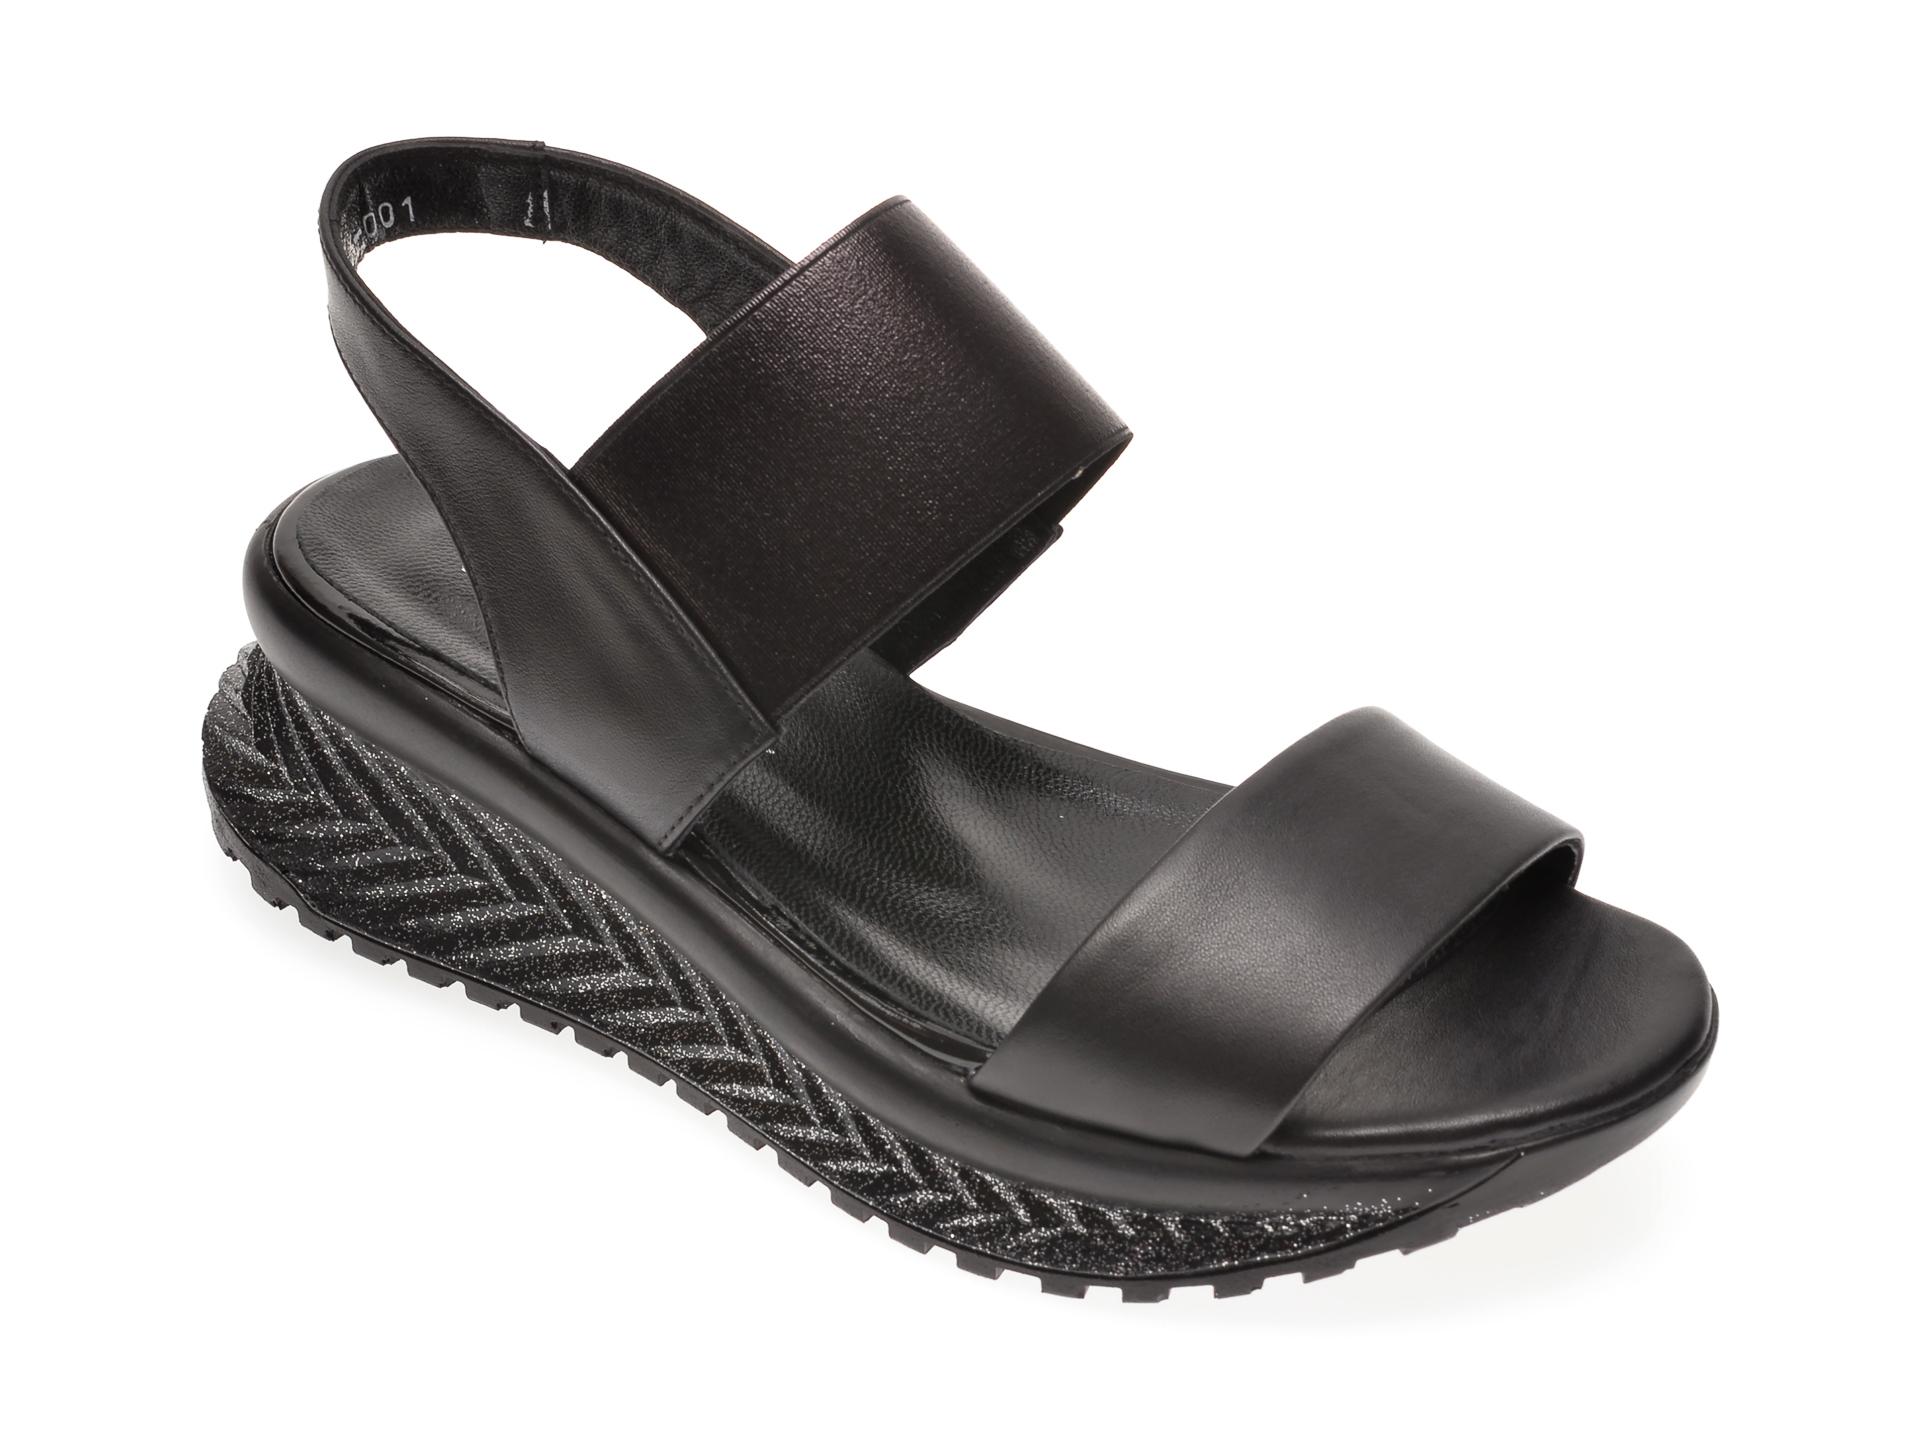 Sandale LE BERDE negre, 57500M5, din piele naturala